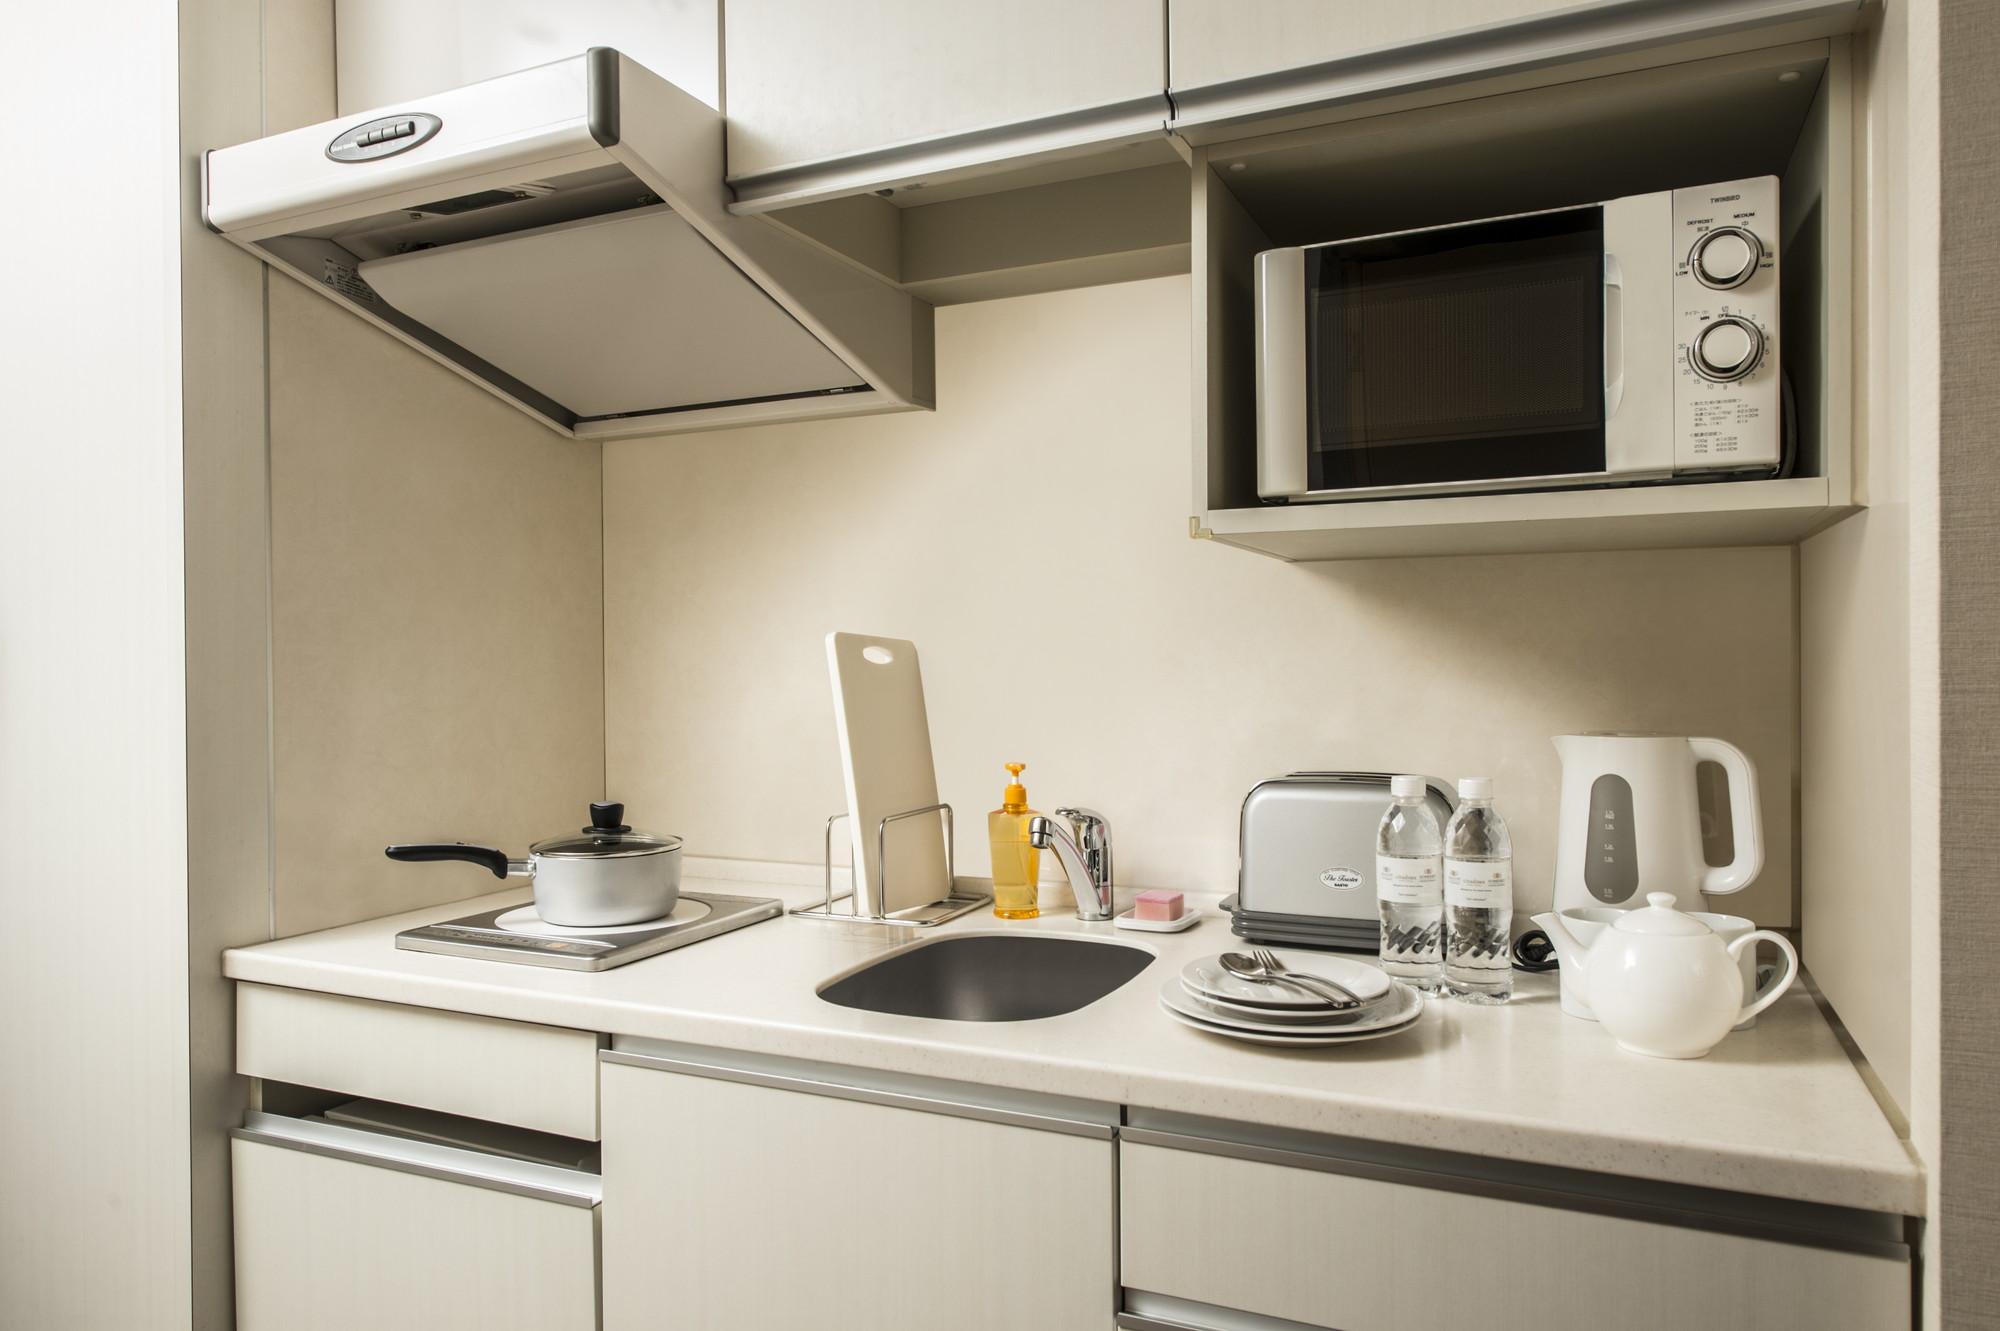 機能面は十分なミニキッチンが付いていますので、憧れの京都での暮らしをこのお部屋から始めてみる、というのもおすすめです